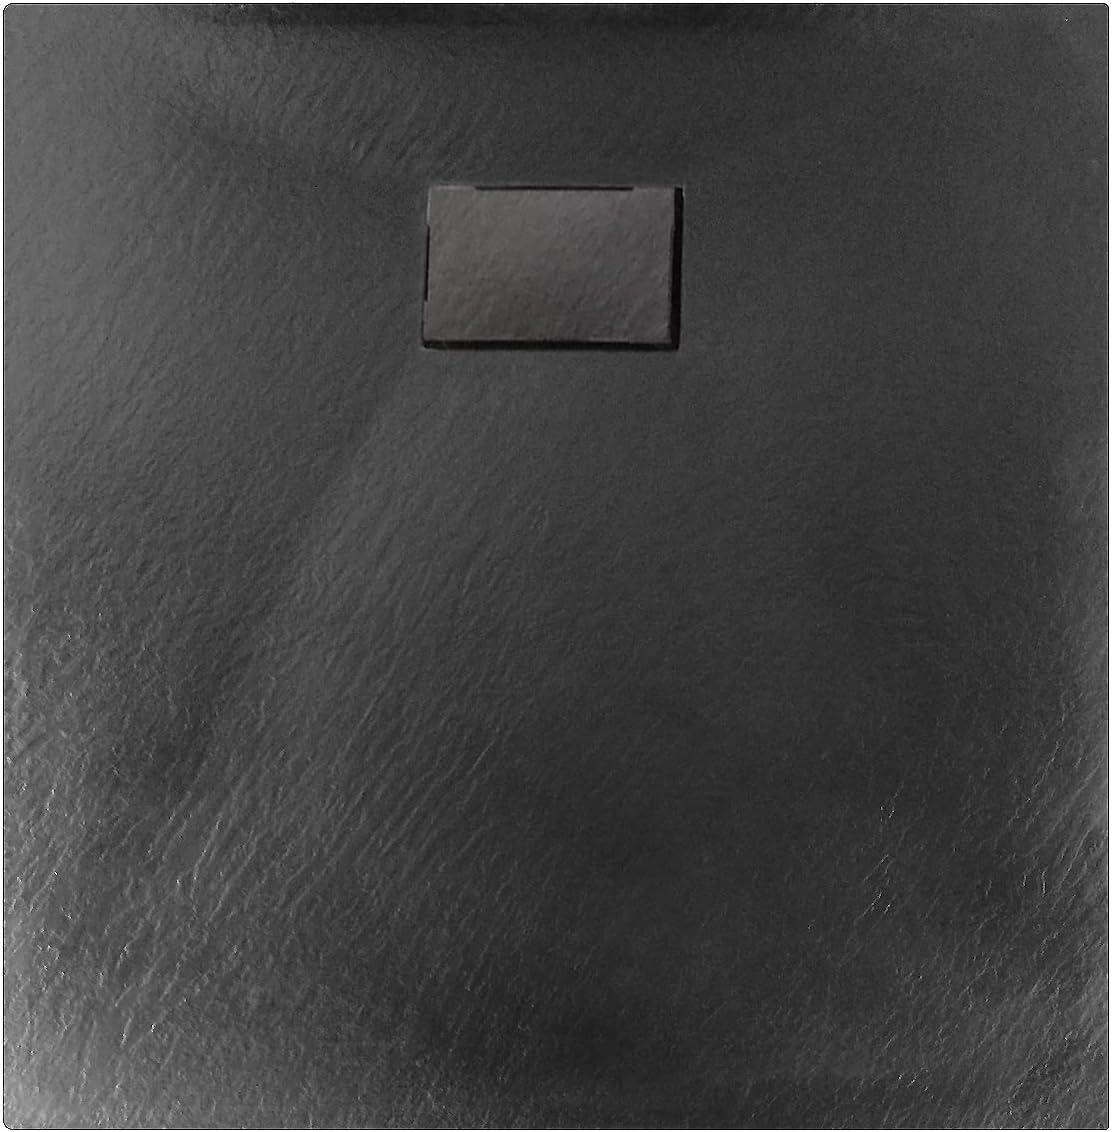 Dimension receveur de douche:80x80cm Receveur de douche noir s/érie GT en SMC Bonde et syst/ème d /évacuation:Sans syst/ème d/évacuation accessoires s/électionnables largeur 80cm